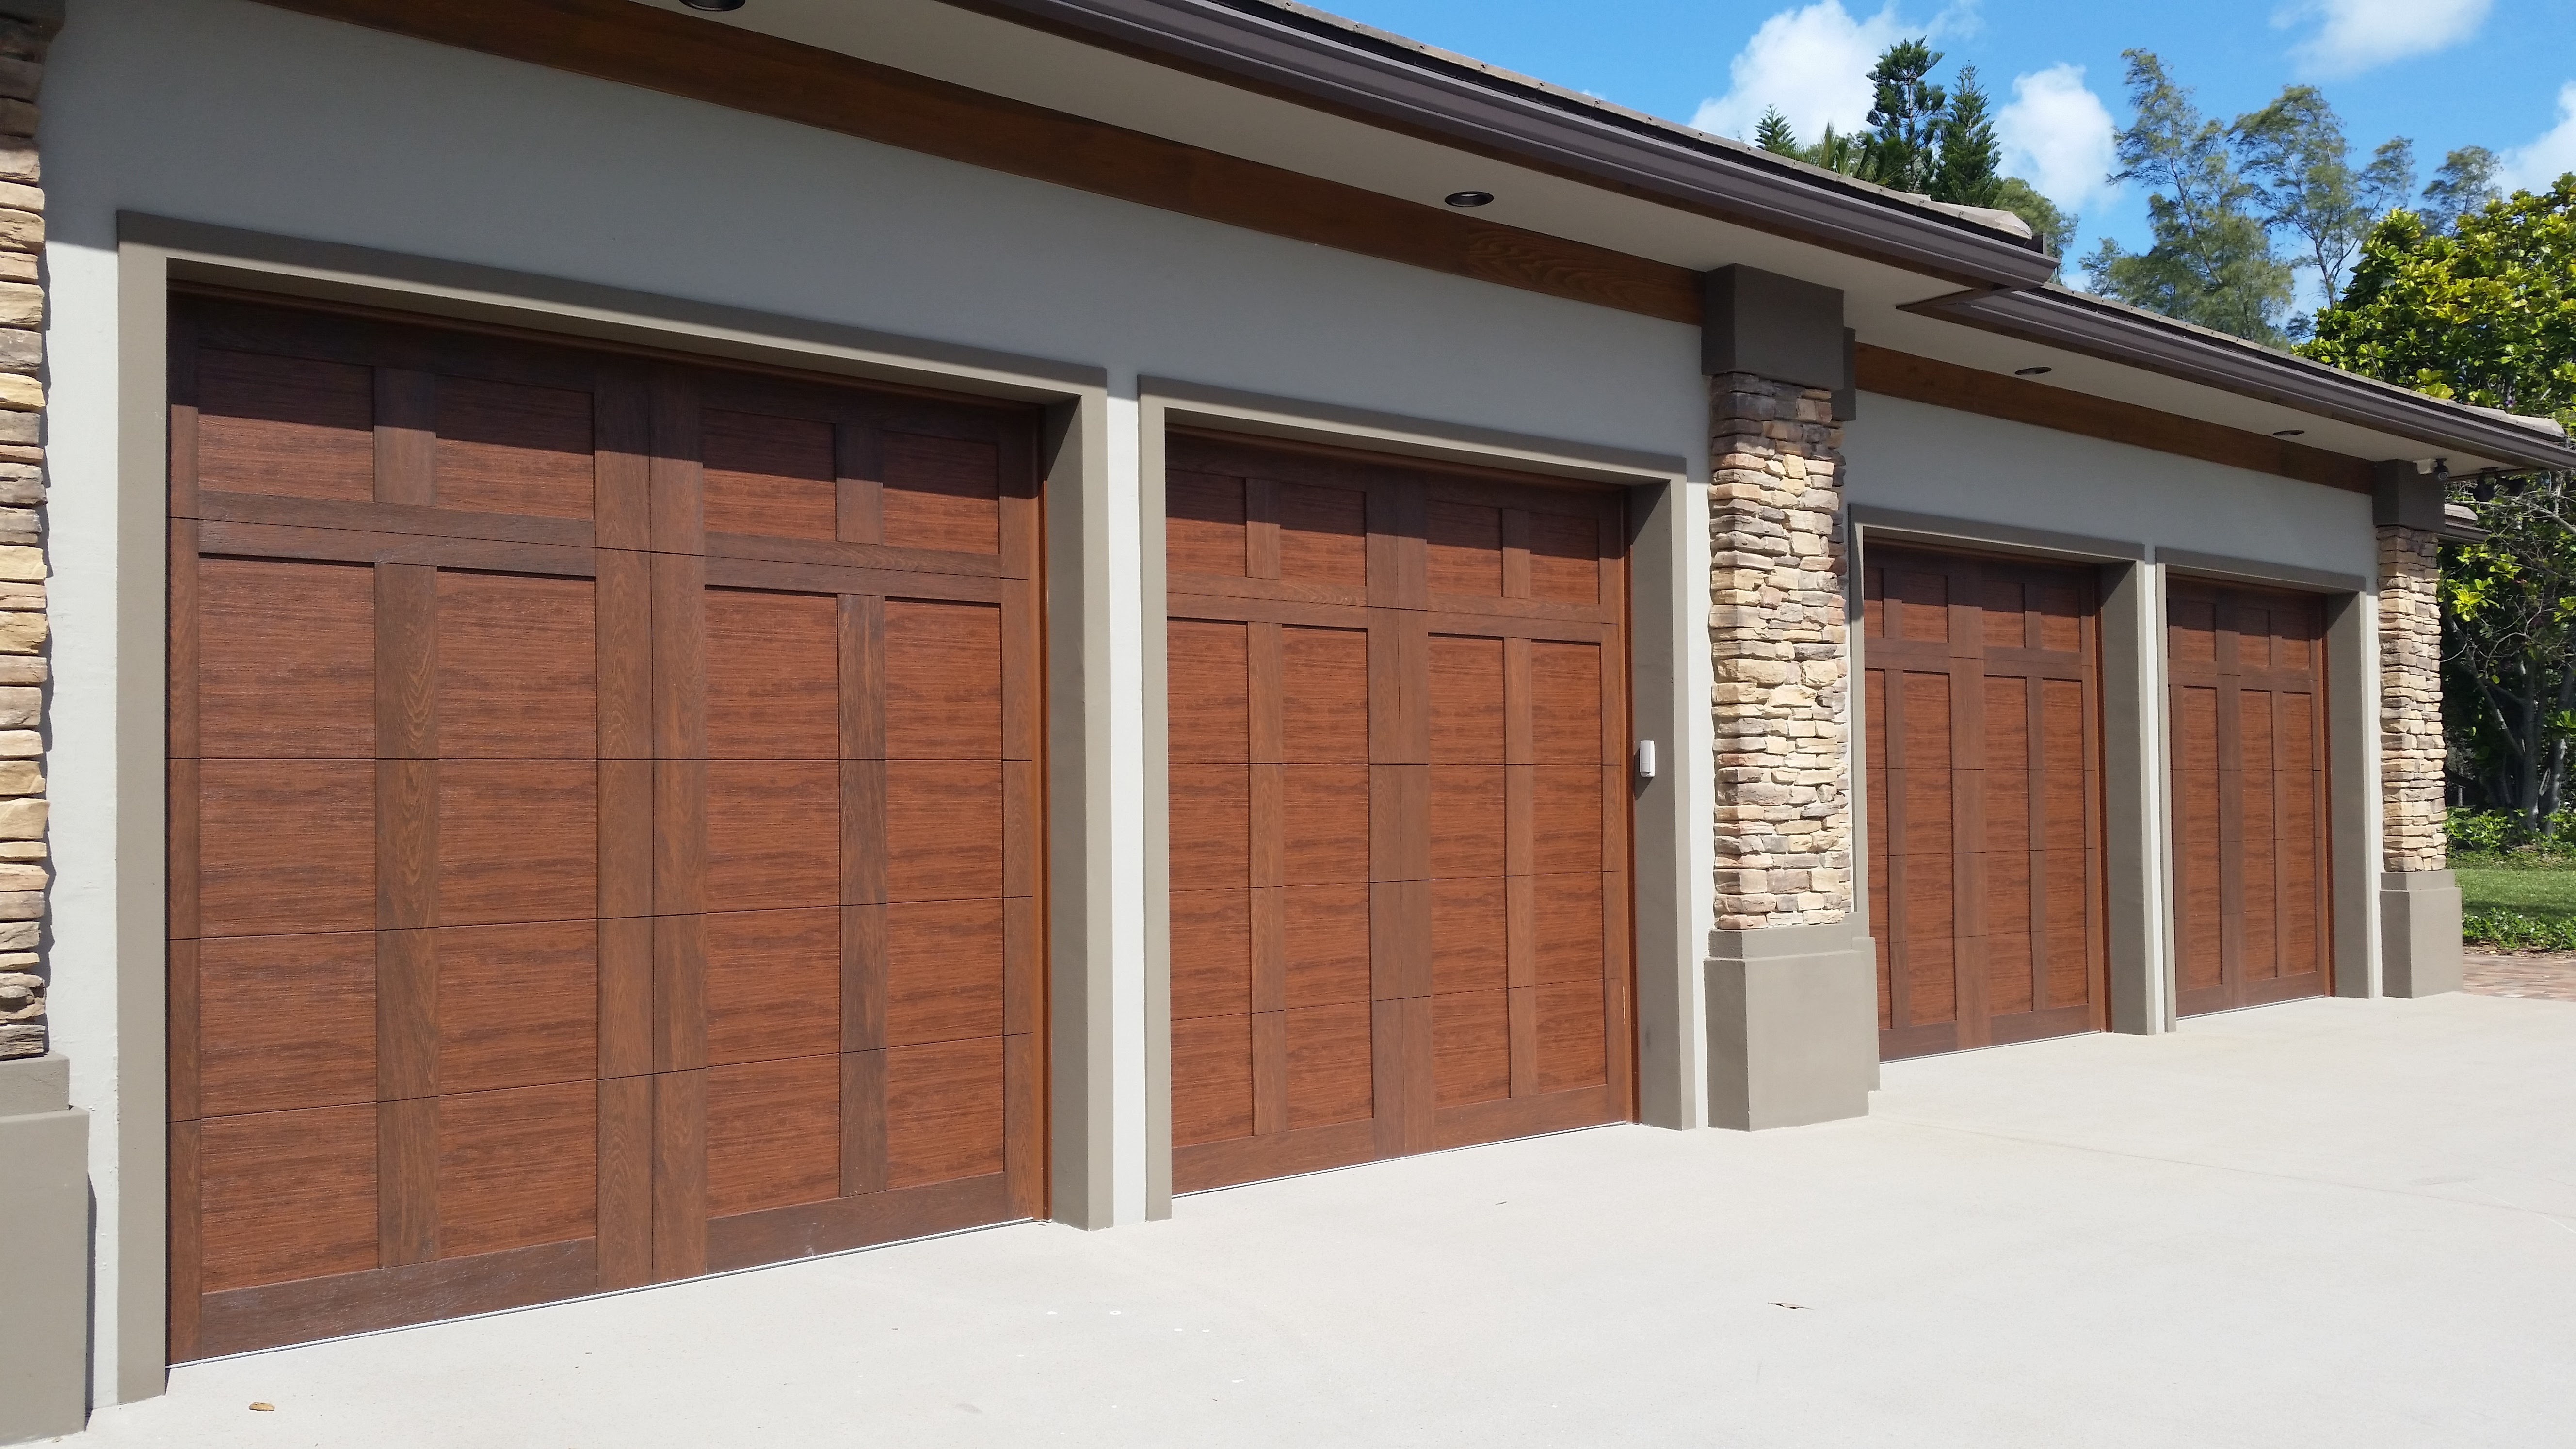 The doorman of southeast fl inc in boca raton fl 33487 for Garage door repair lake worth fl